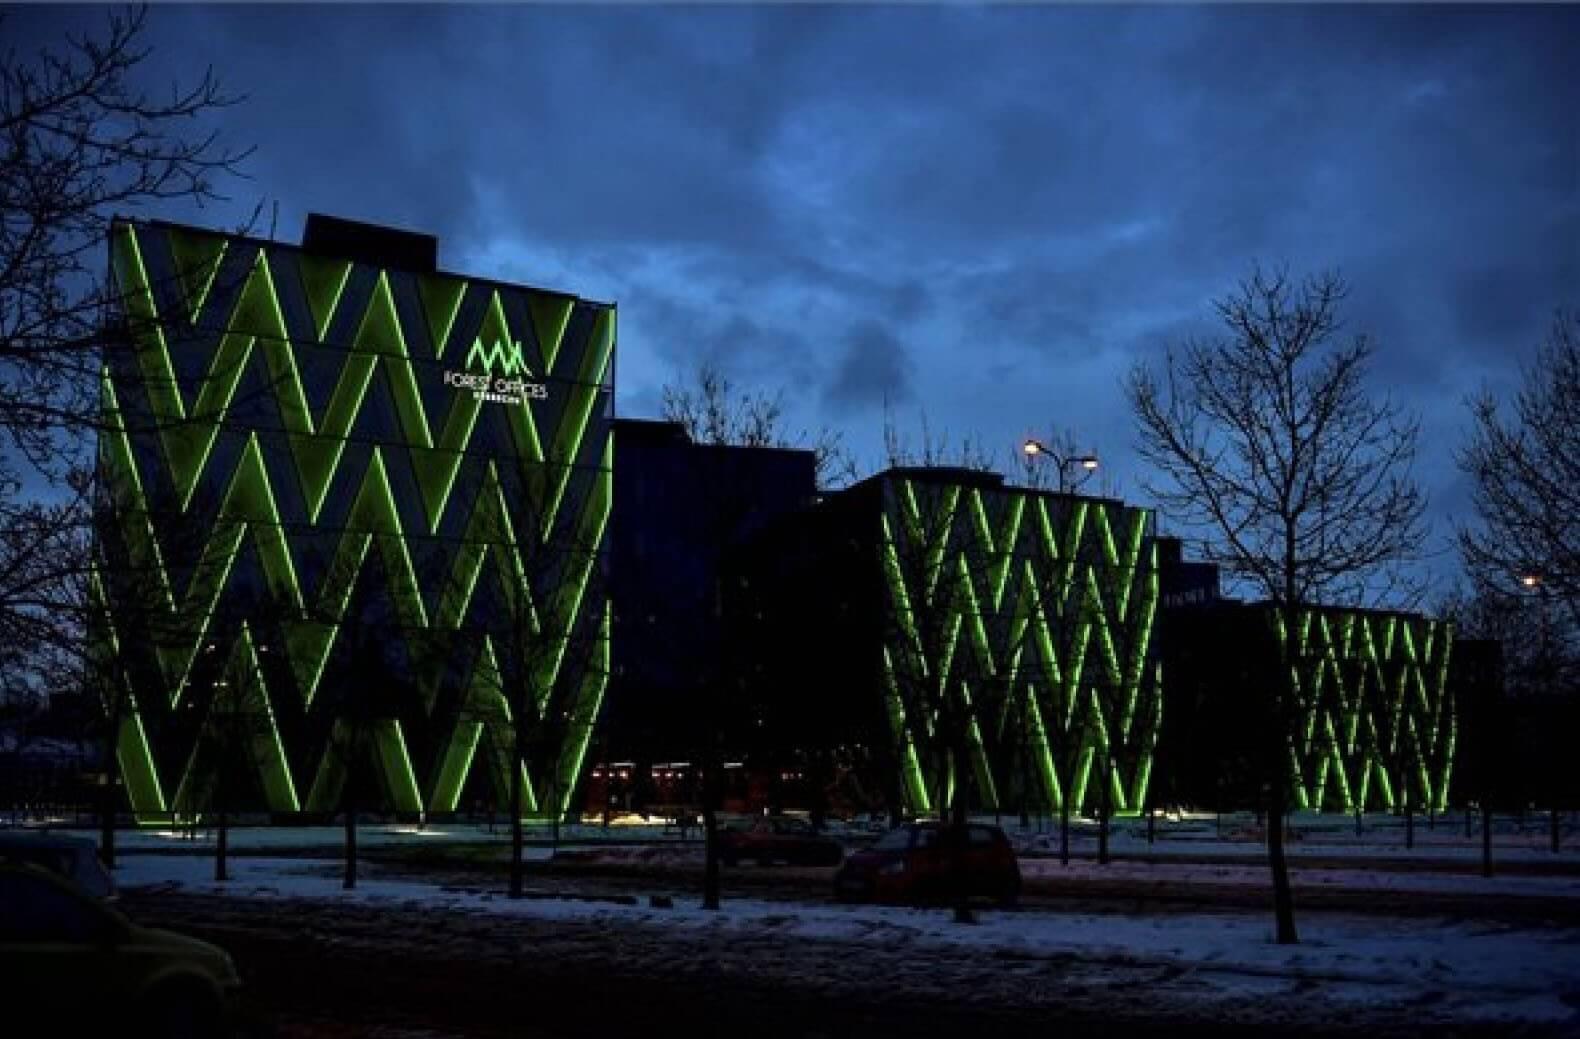 Hamarosan átadják Debrecen futurisztikus irodaközpontját